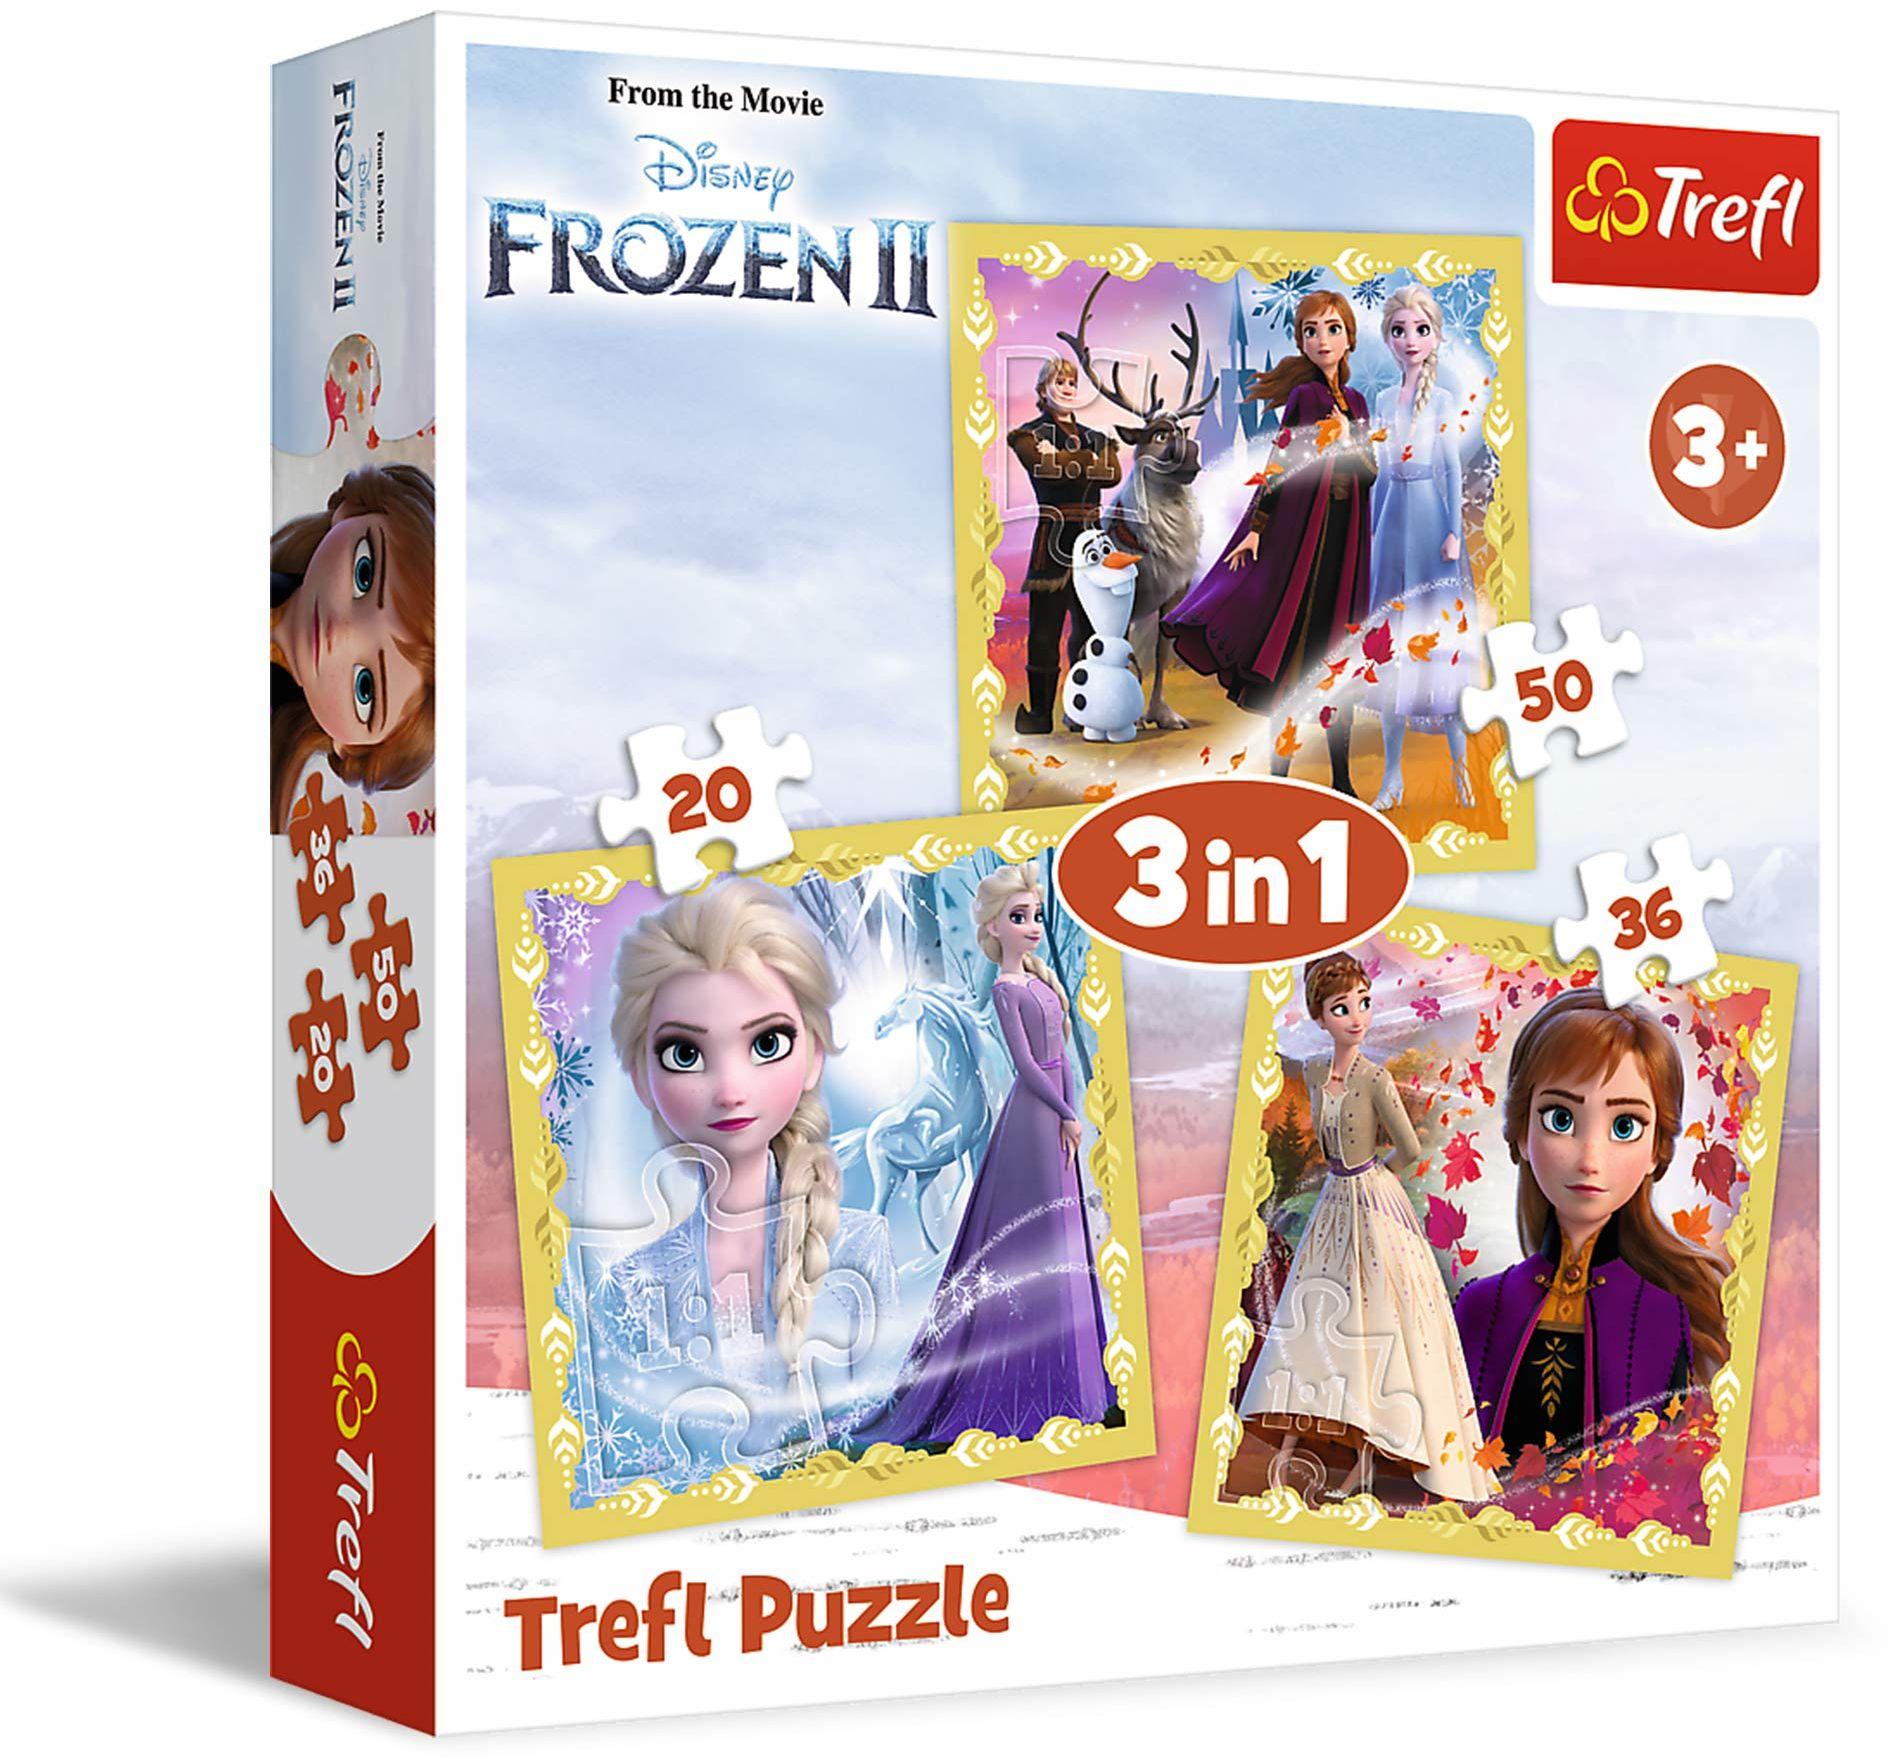 Trefl Moc Anny i Elsy Puzzle 3 w 1 Disney Frozen 2 o Wysokiej Jakości Nadruku dla Dzieci od 3 lat